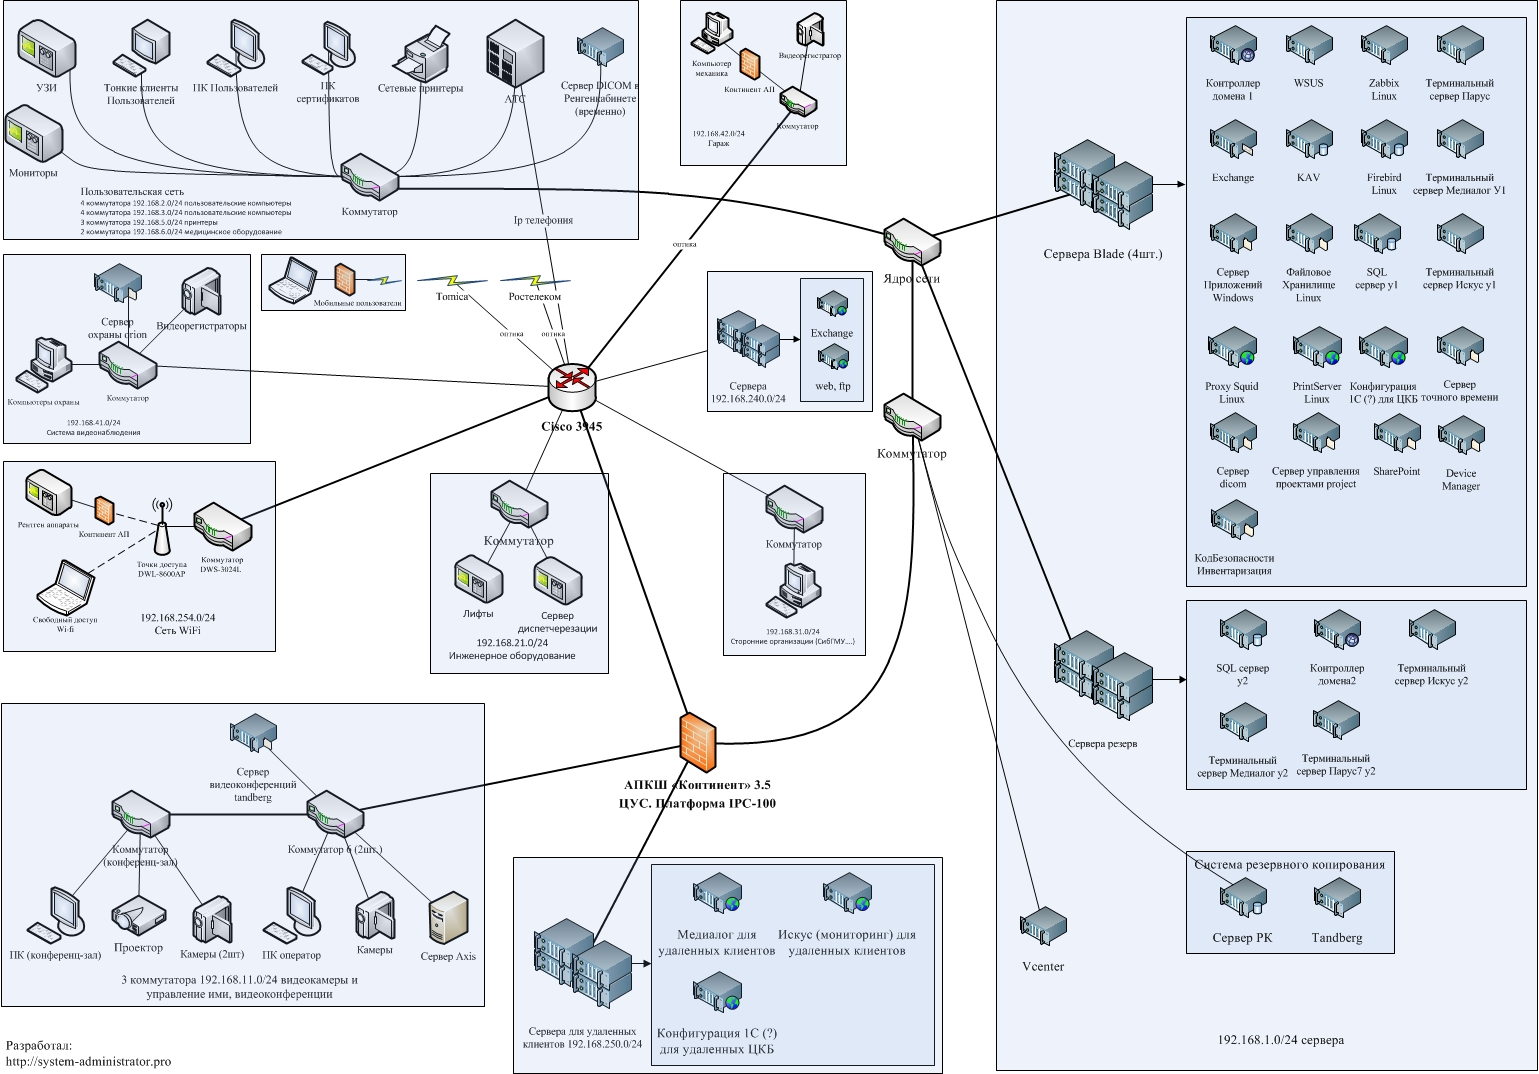 Локальные сети и схемы